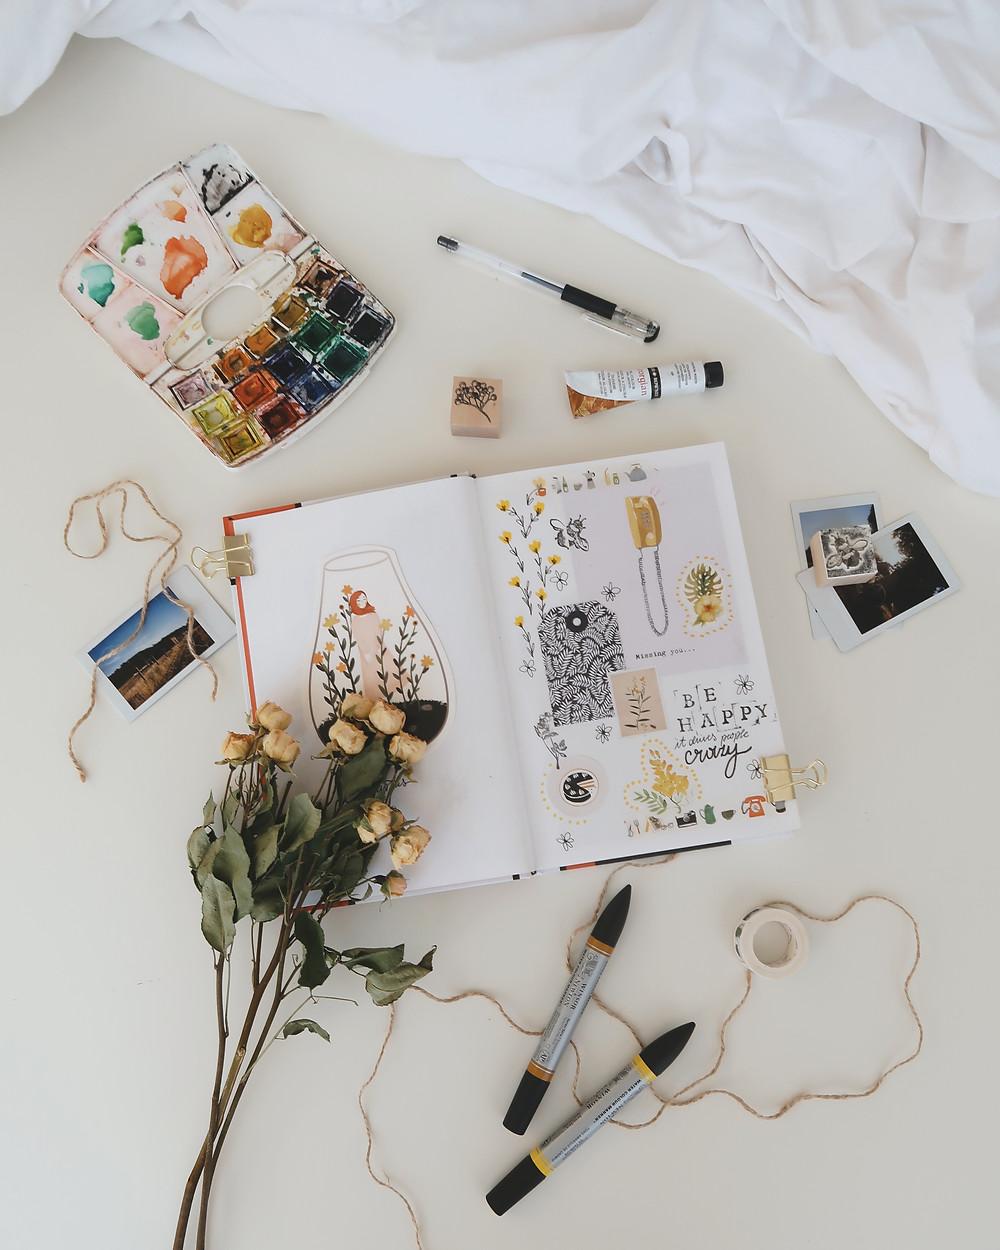 artist tools lying on floor